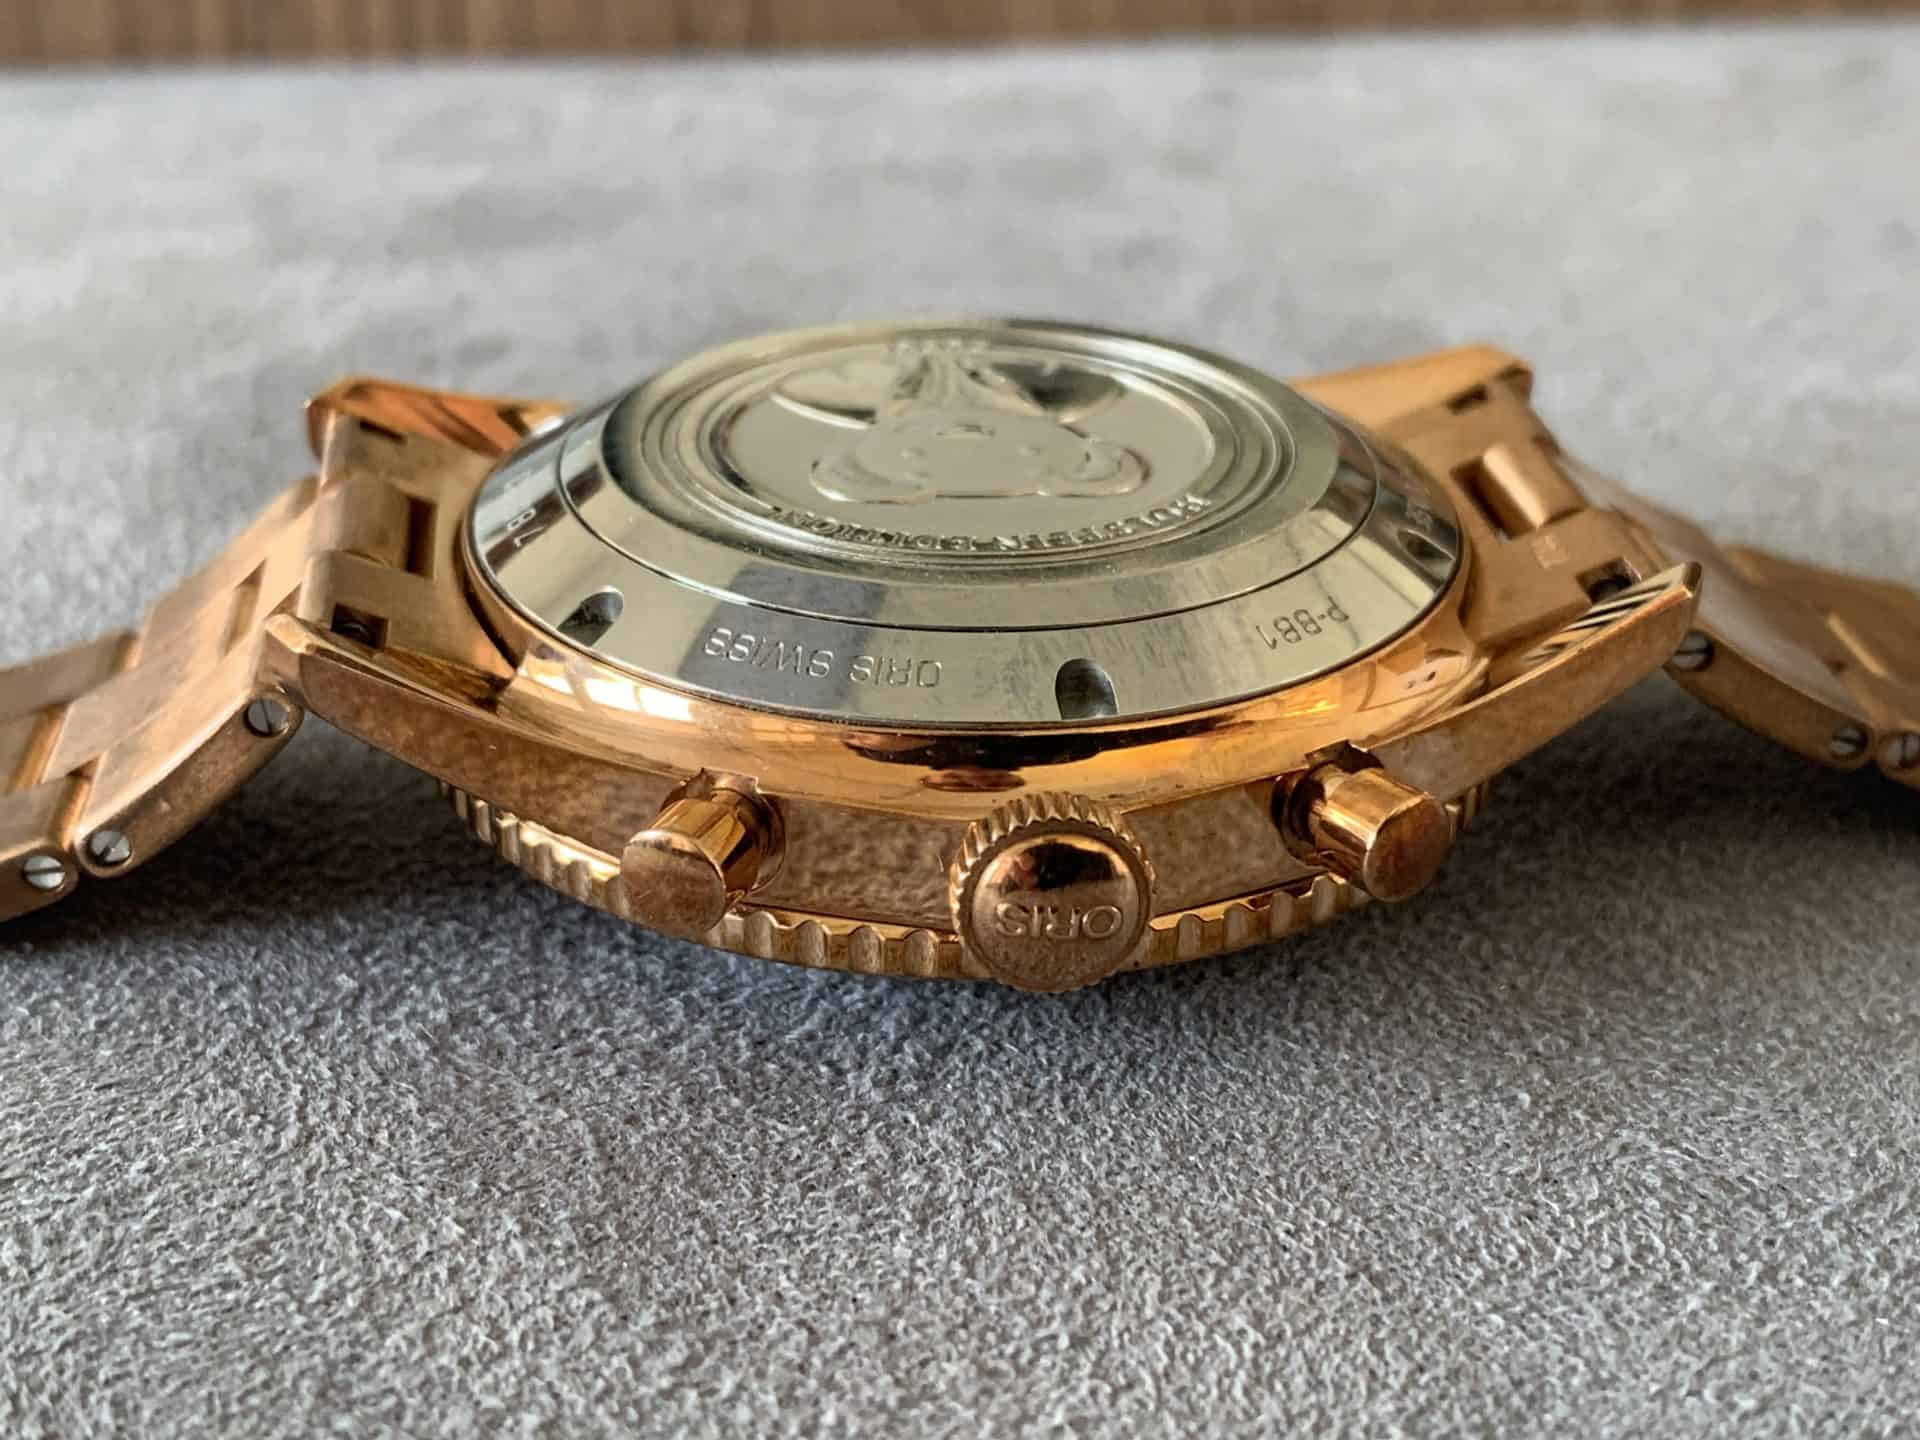 Auch Bronze - die Schraubkrone und die beiden Chronographendrücker des limitierten Oris Divers Sixty-Five Chronographen